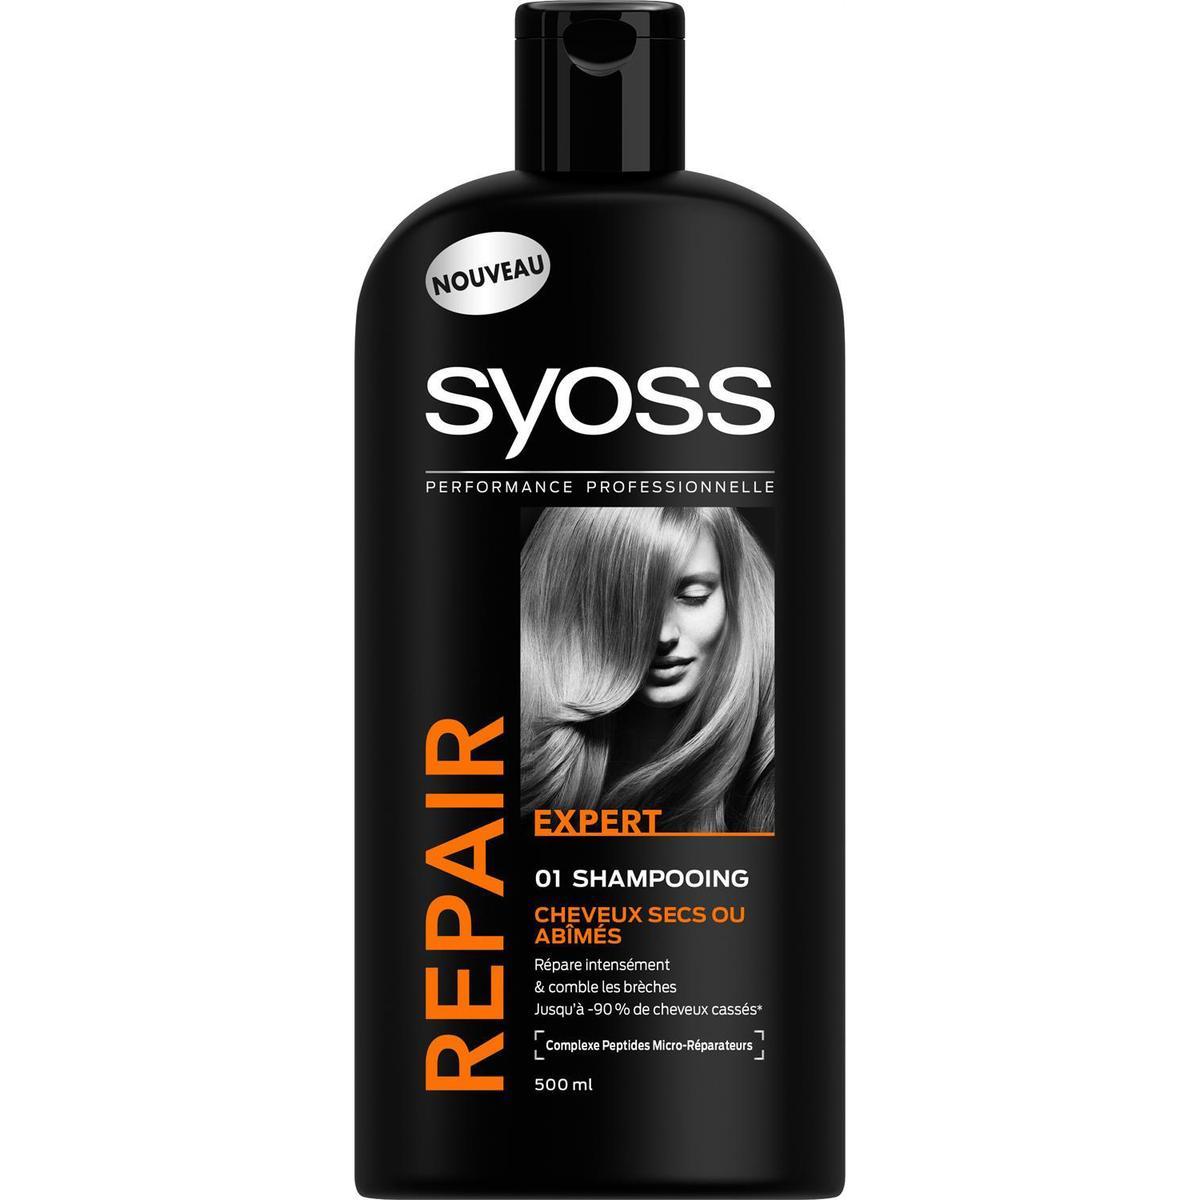 shampooing pour cheveux secs abimes